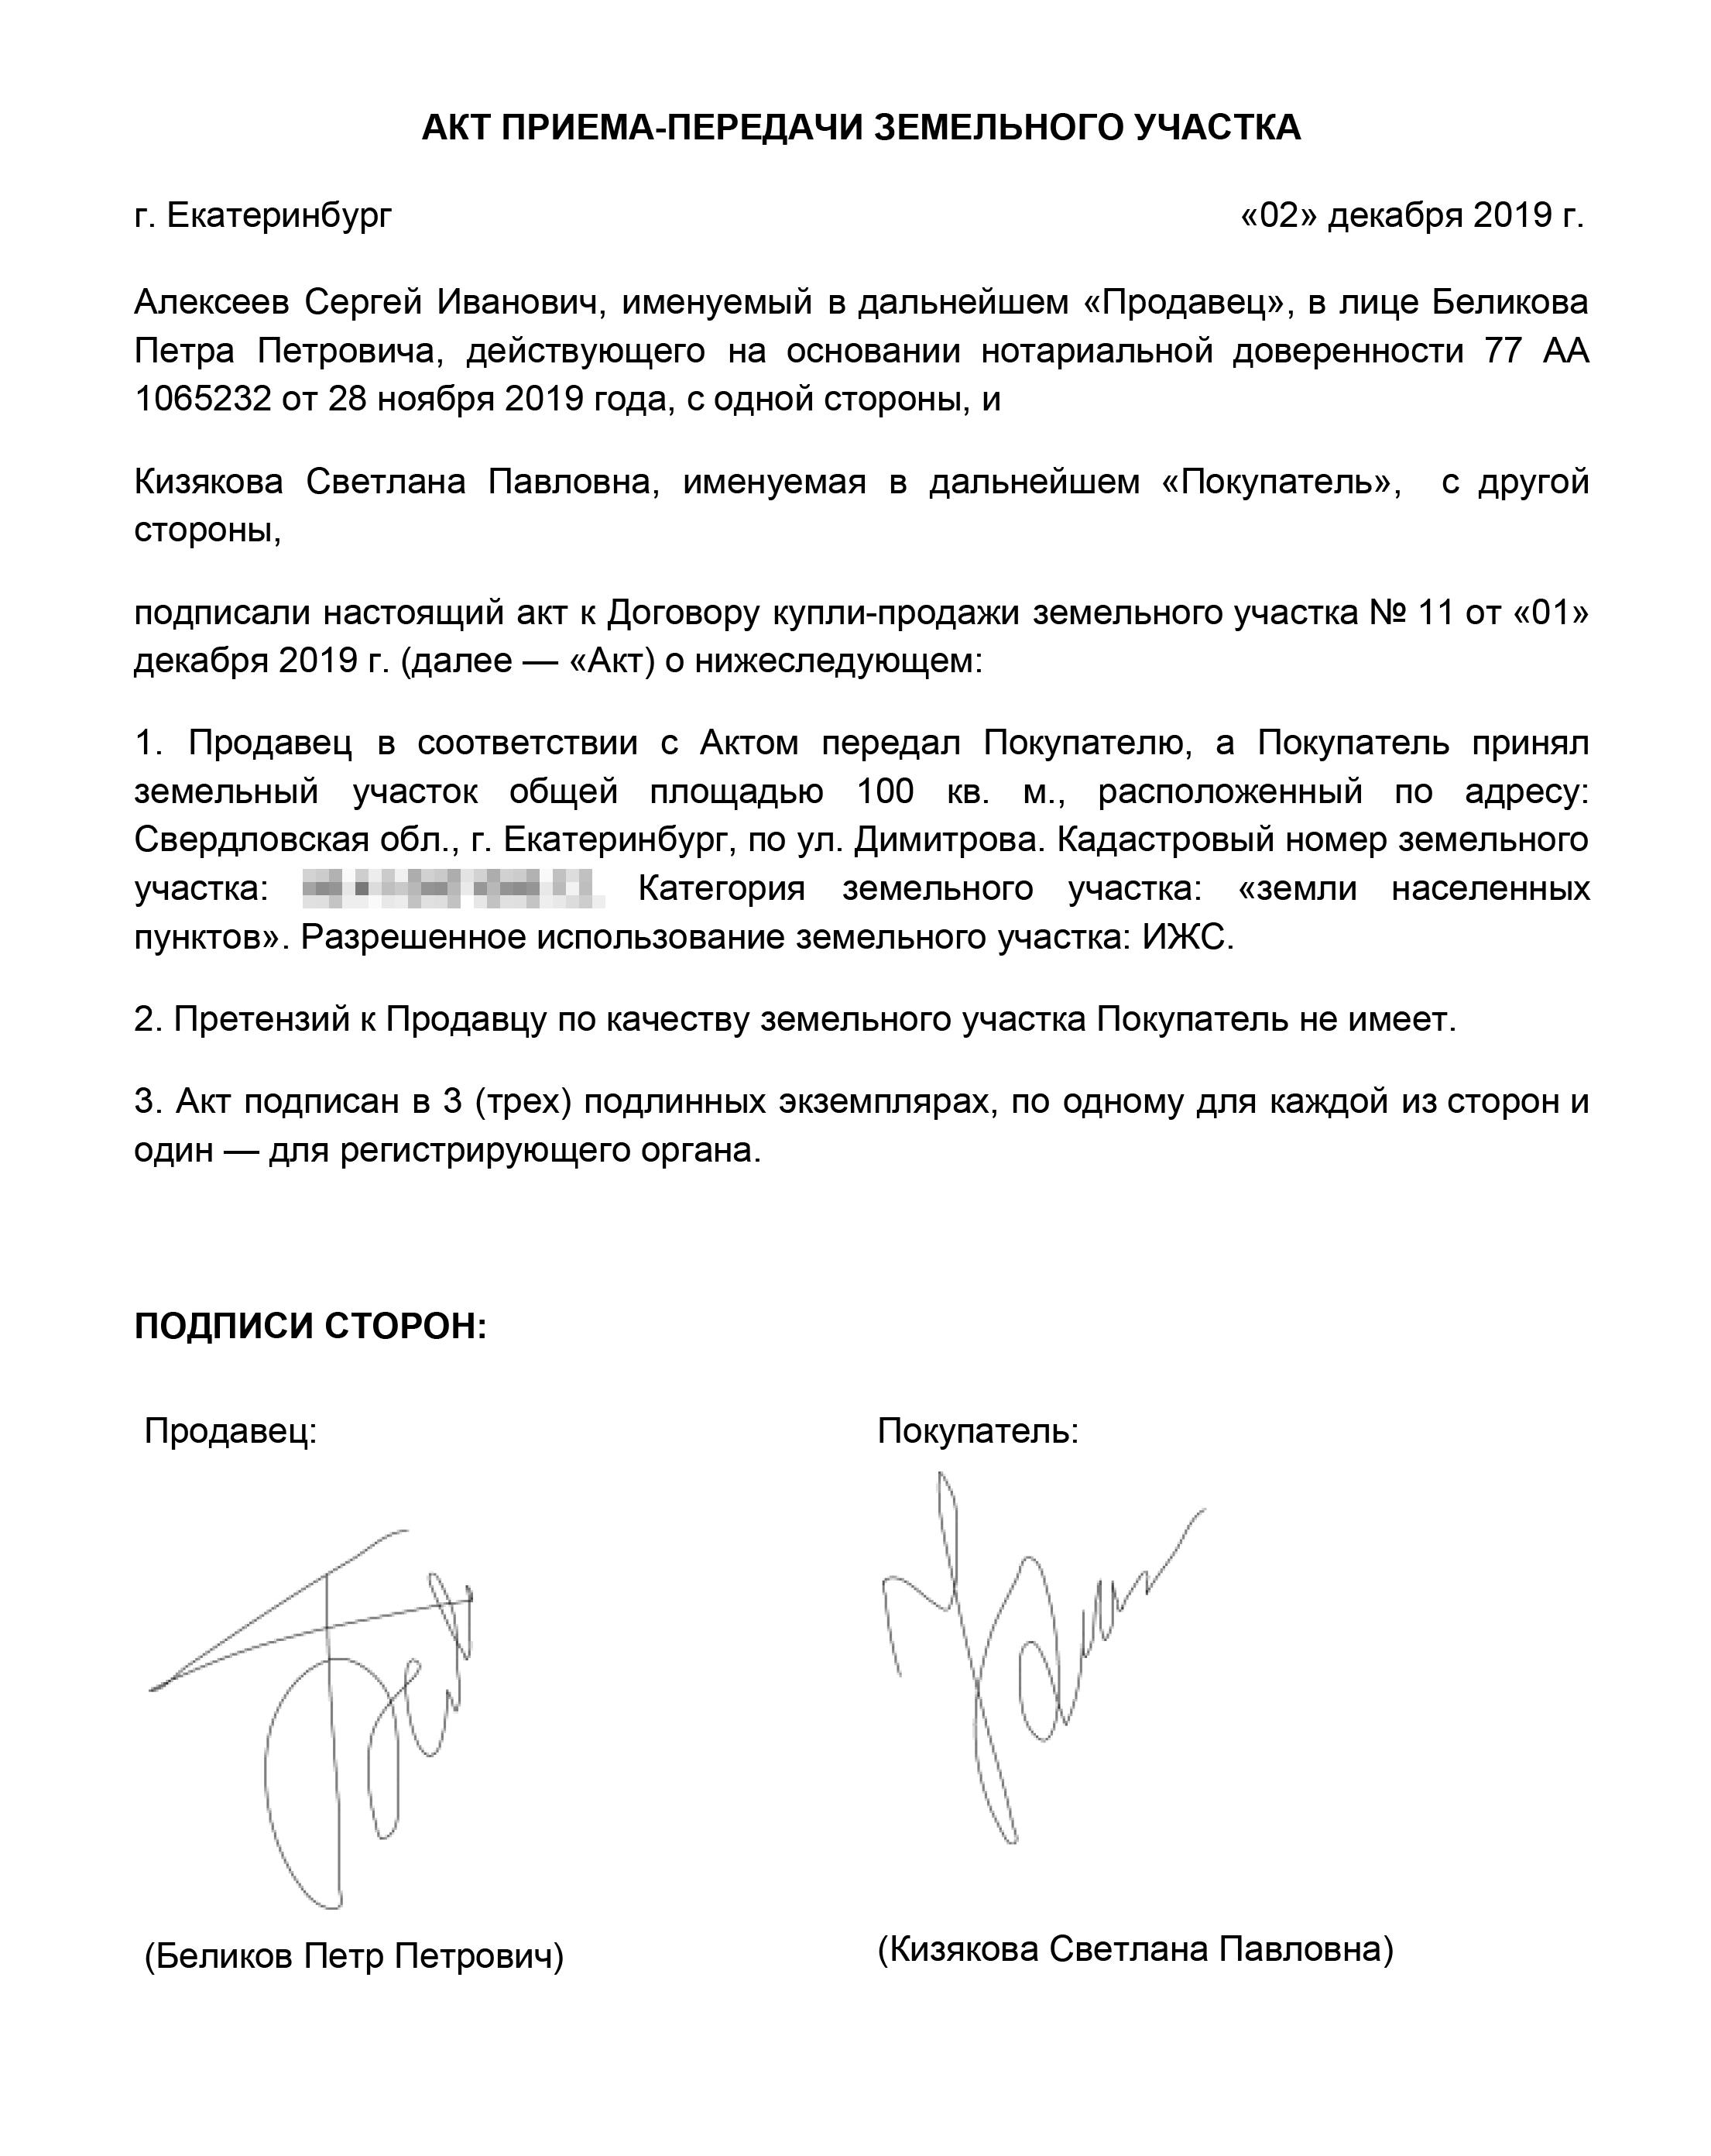 Траты при оформлении договора купли продажи и совершения этой сделки в мск, спб и других регионах рф